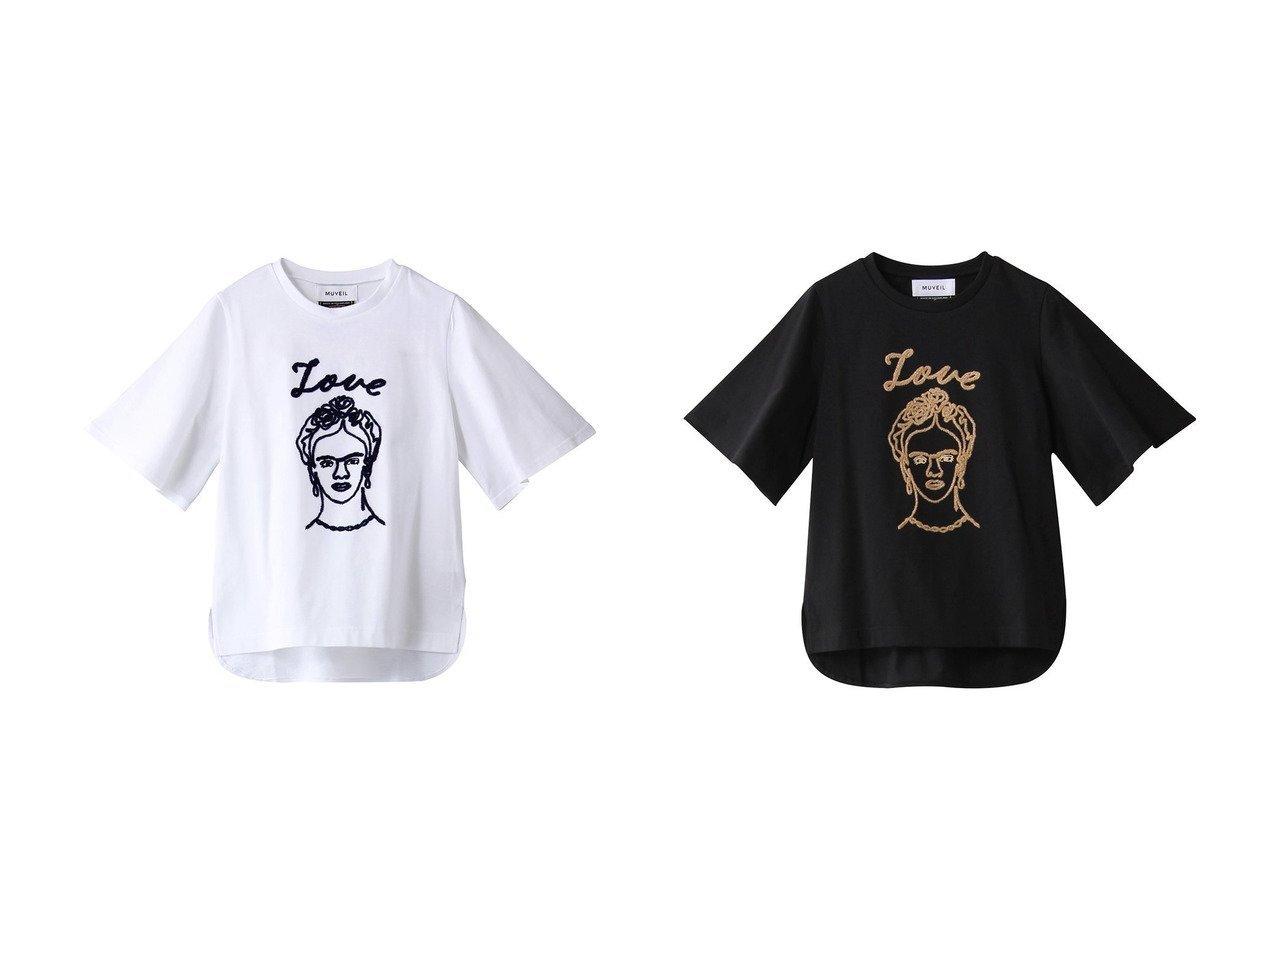 【MUVEIL/ミュベール】の刺繍Tシャツ 【トップス・カットソー】おすすめ!人気、トレンド・レディースファッションの通販 おすすめで人気の流行・トレンド、ファッションの通販商品 メンズファッション・キッズファッション・インテリア・家具・レディースファッション・服の通販 founy(ファニー) https://founy.com/ ファッション Fashion レディースファッション WOMEN トップス・カットソー Tops/Tshirt シャツ/ブラウス Shirts/Blouses ロング / Tシャツ T-Shirts カットソー Cut and Sewn ショート スリーブ |ID:crp329100000033772